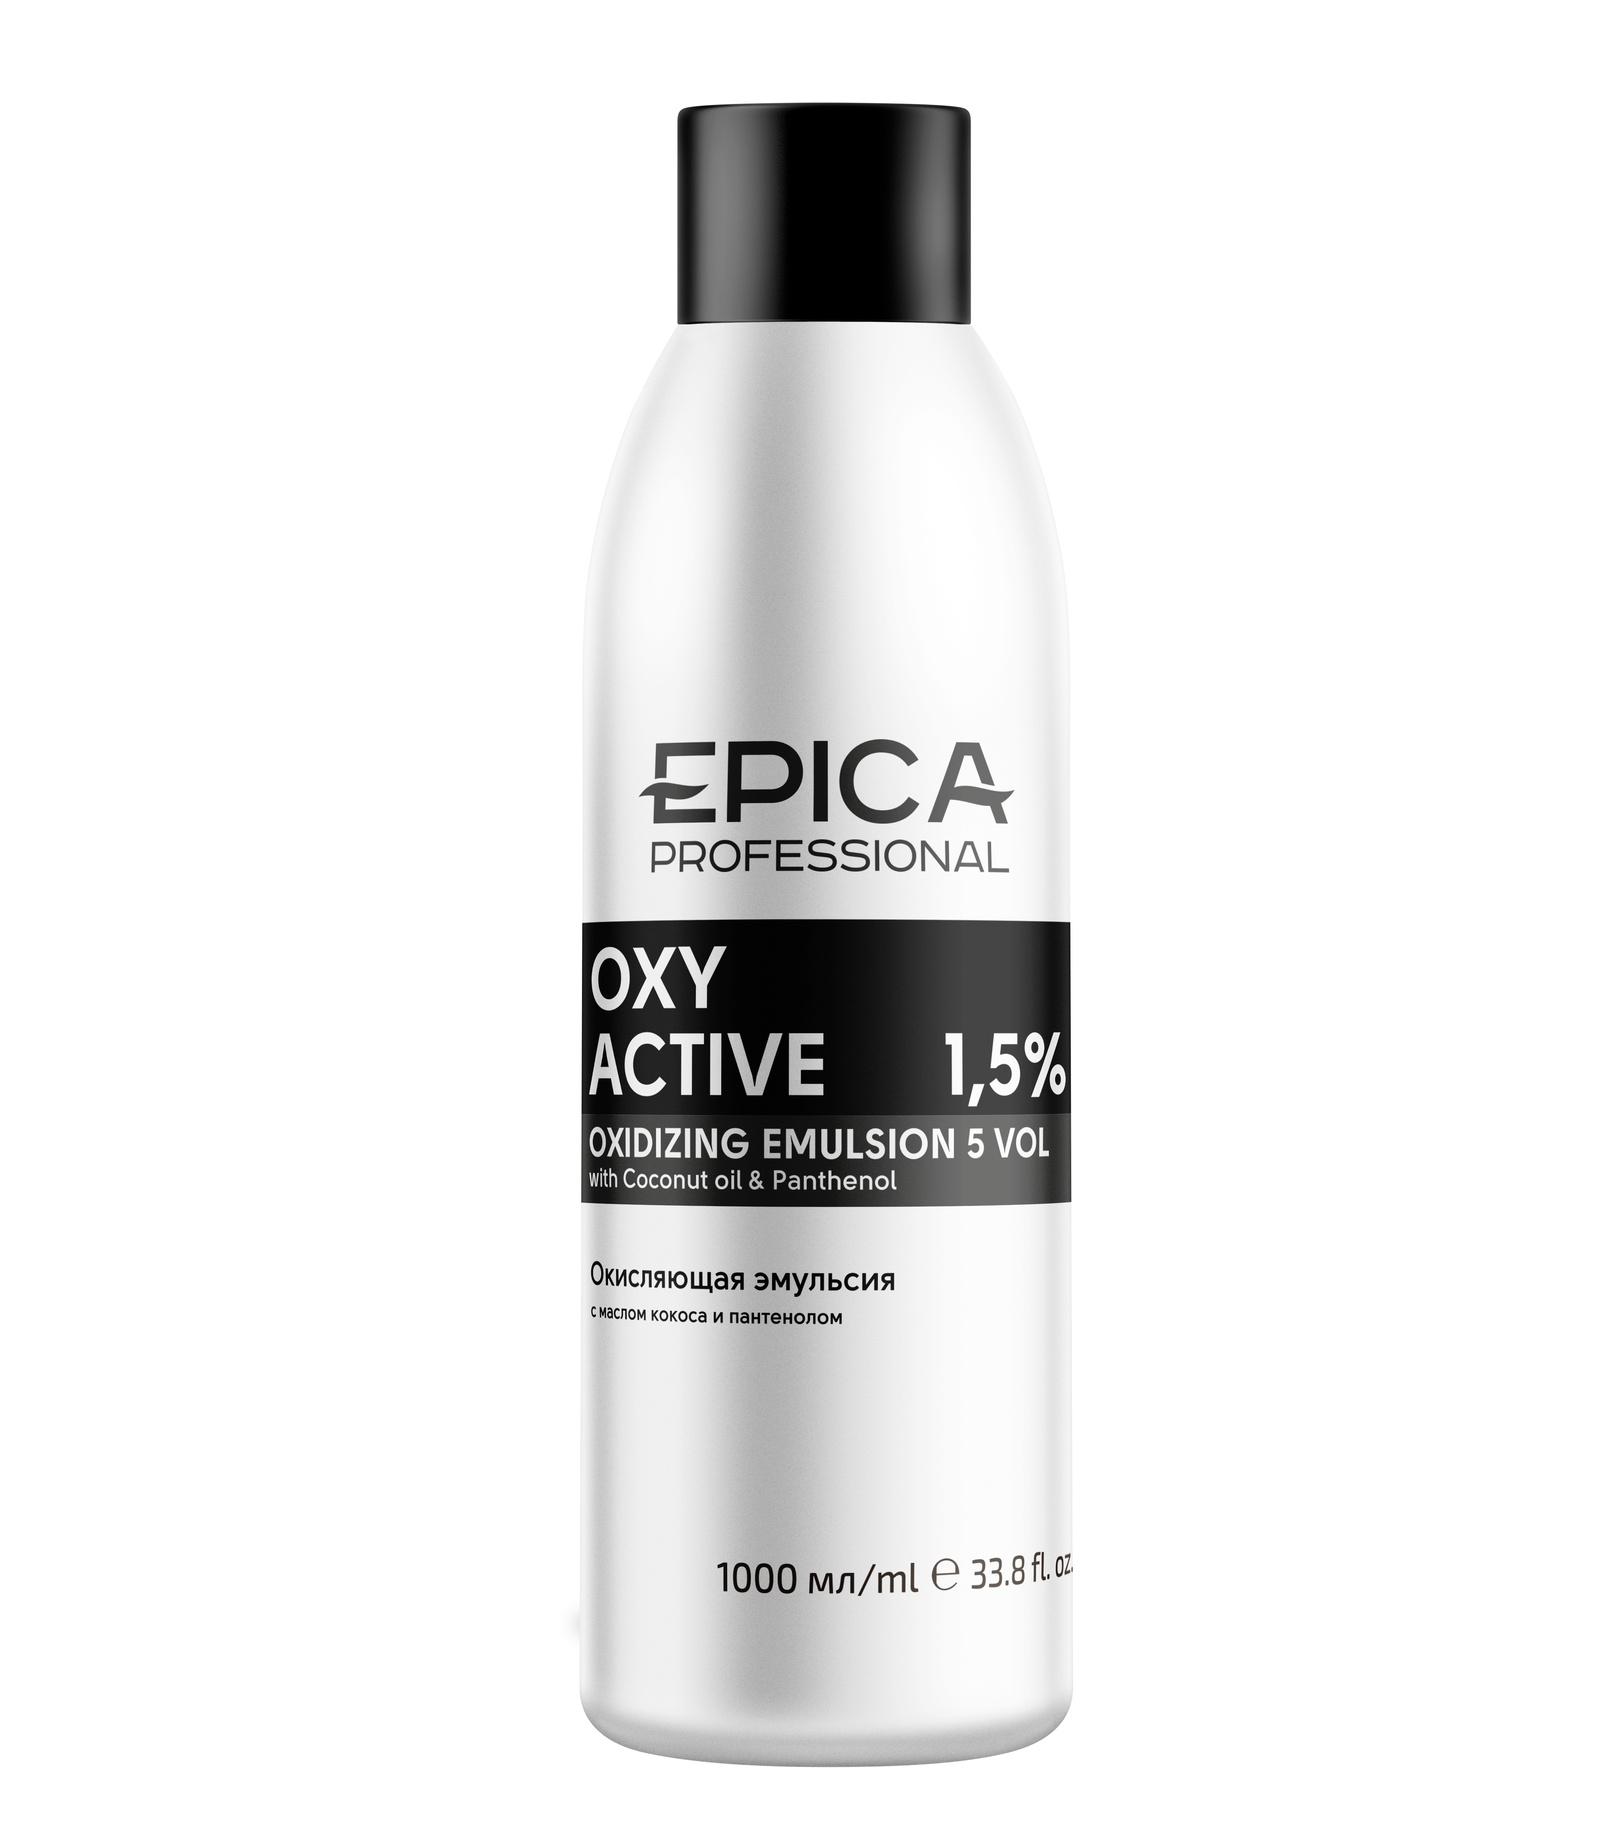 Epica 91234 Кремообразная окисляющая эмульсия 1,5 % (5 vol) 1000 мл selective professional эмульсия окисляющая специальная 6